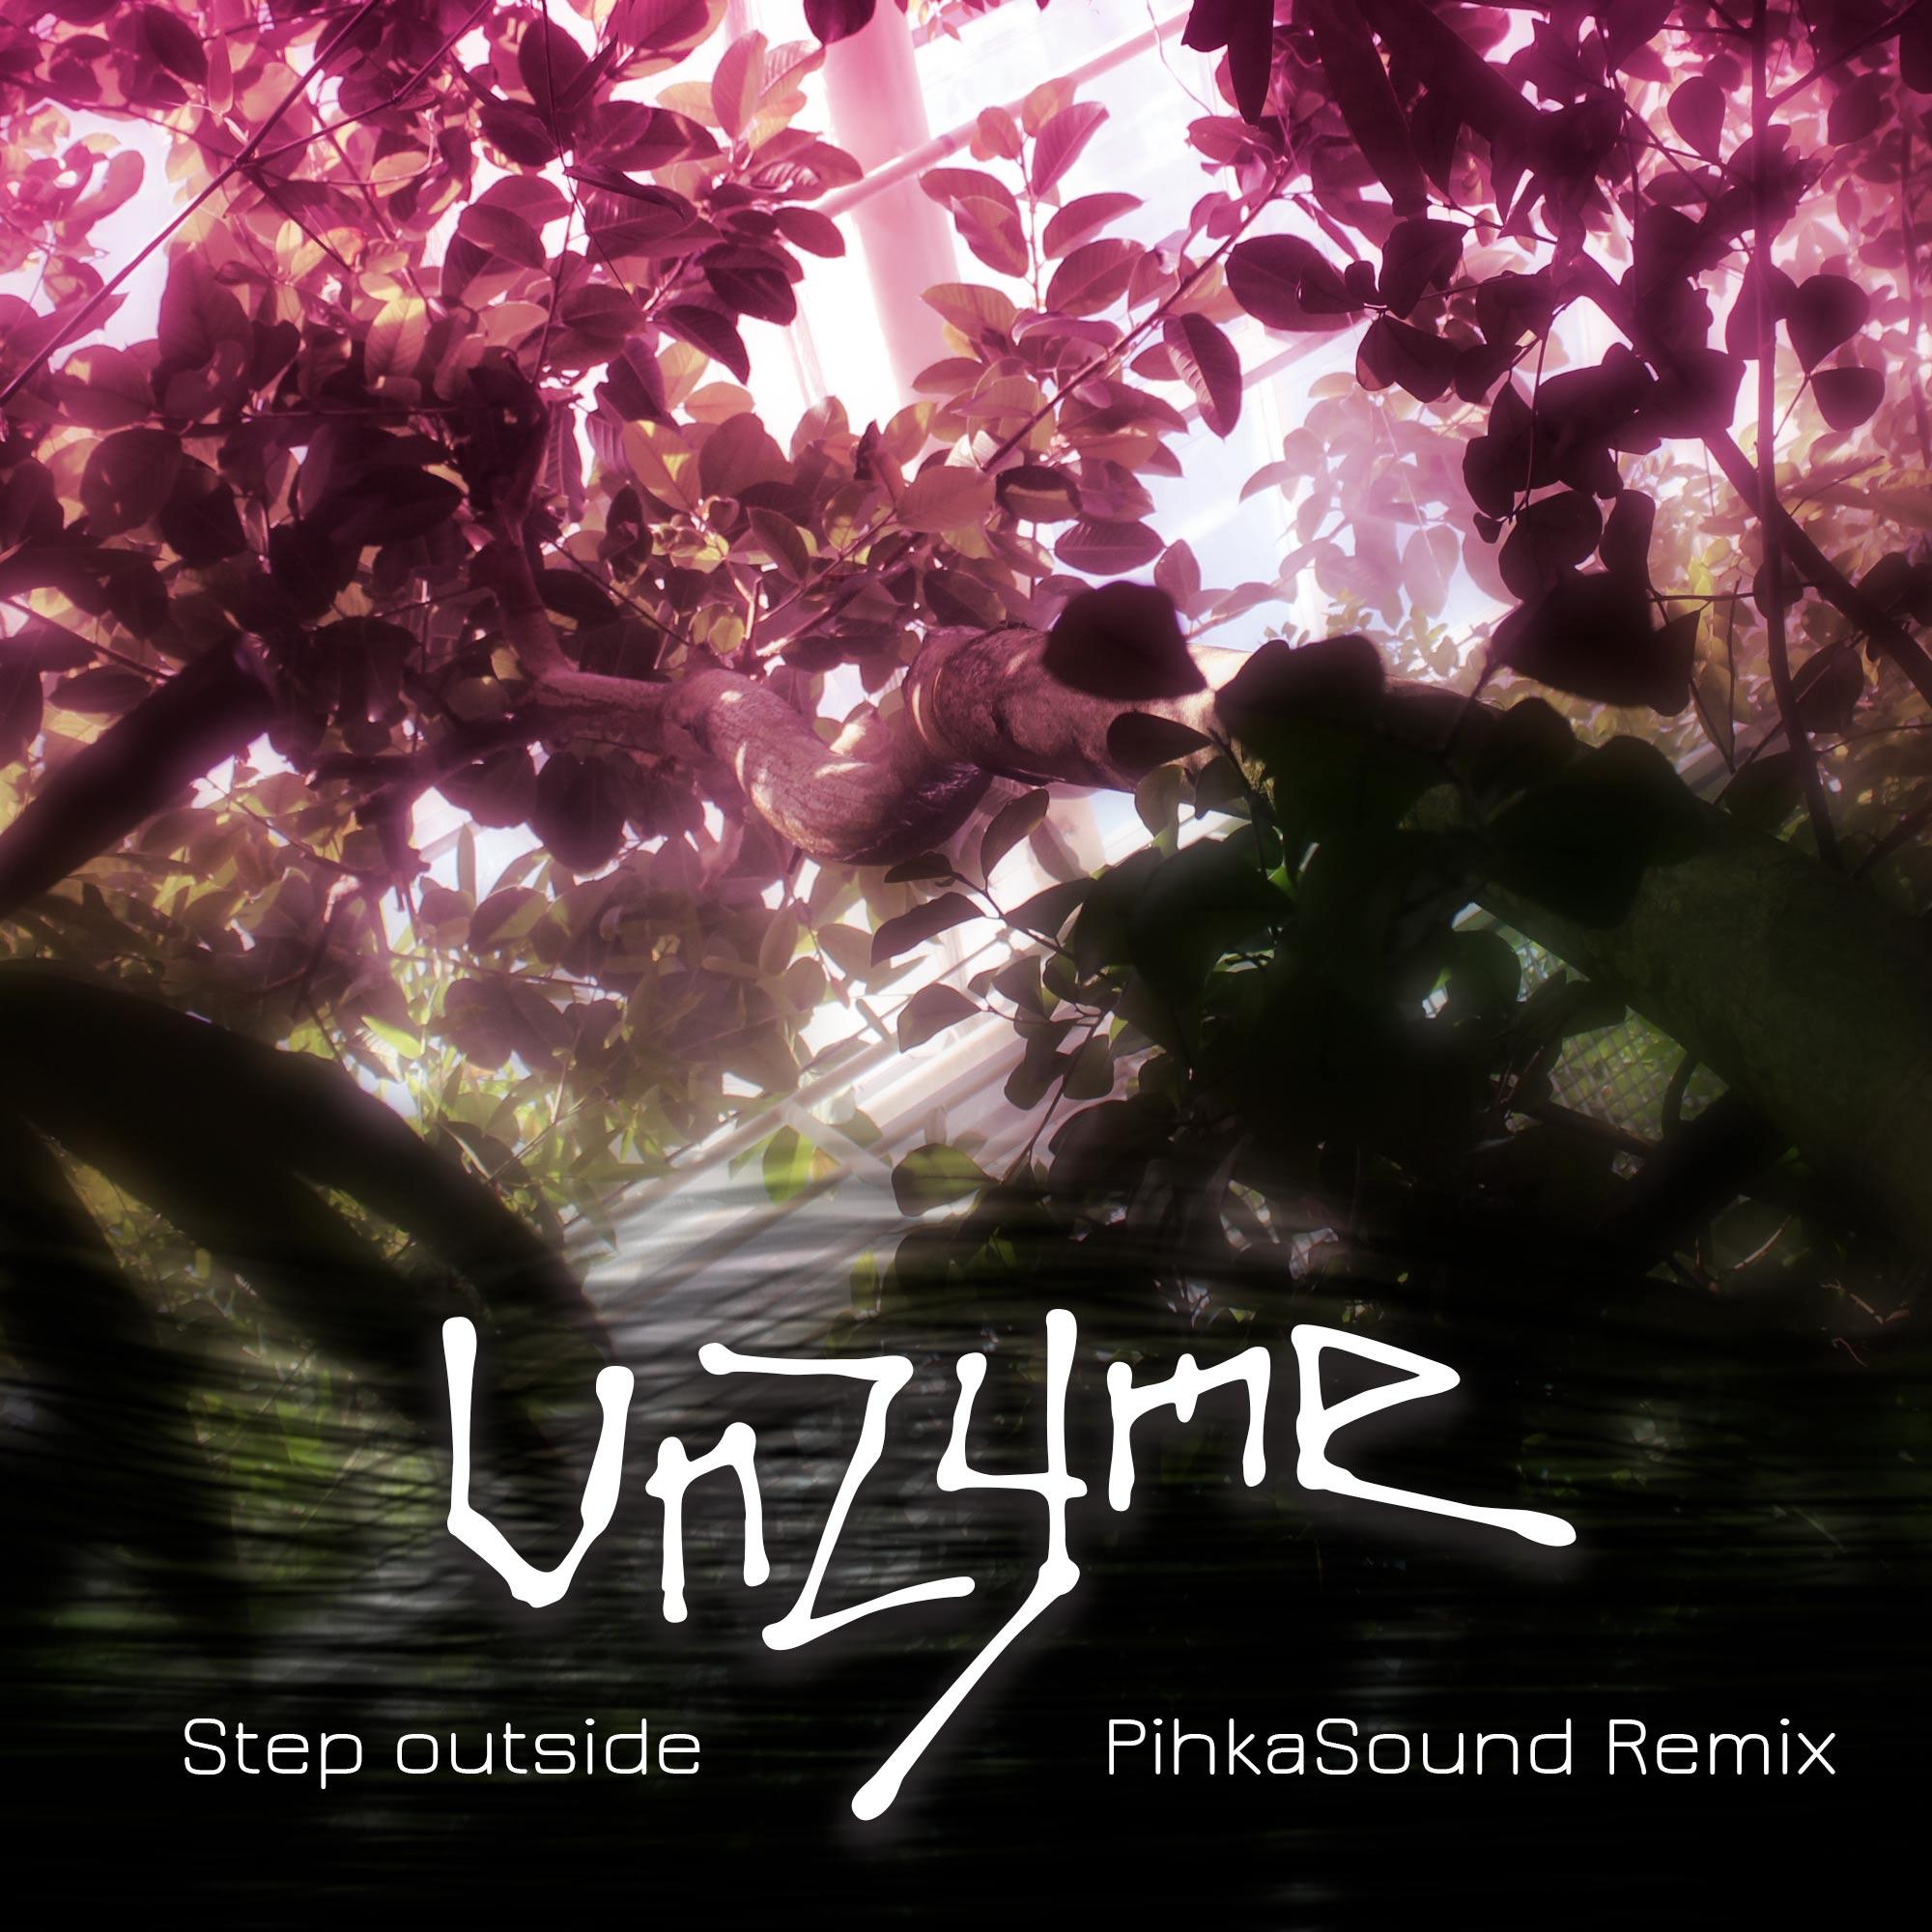 Step outside – PihkaSound Remix